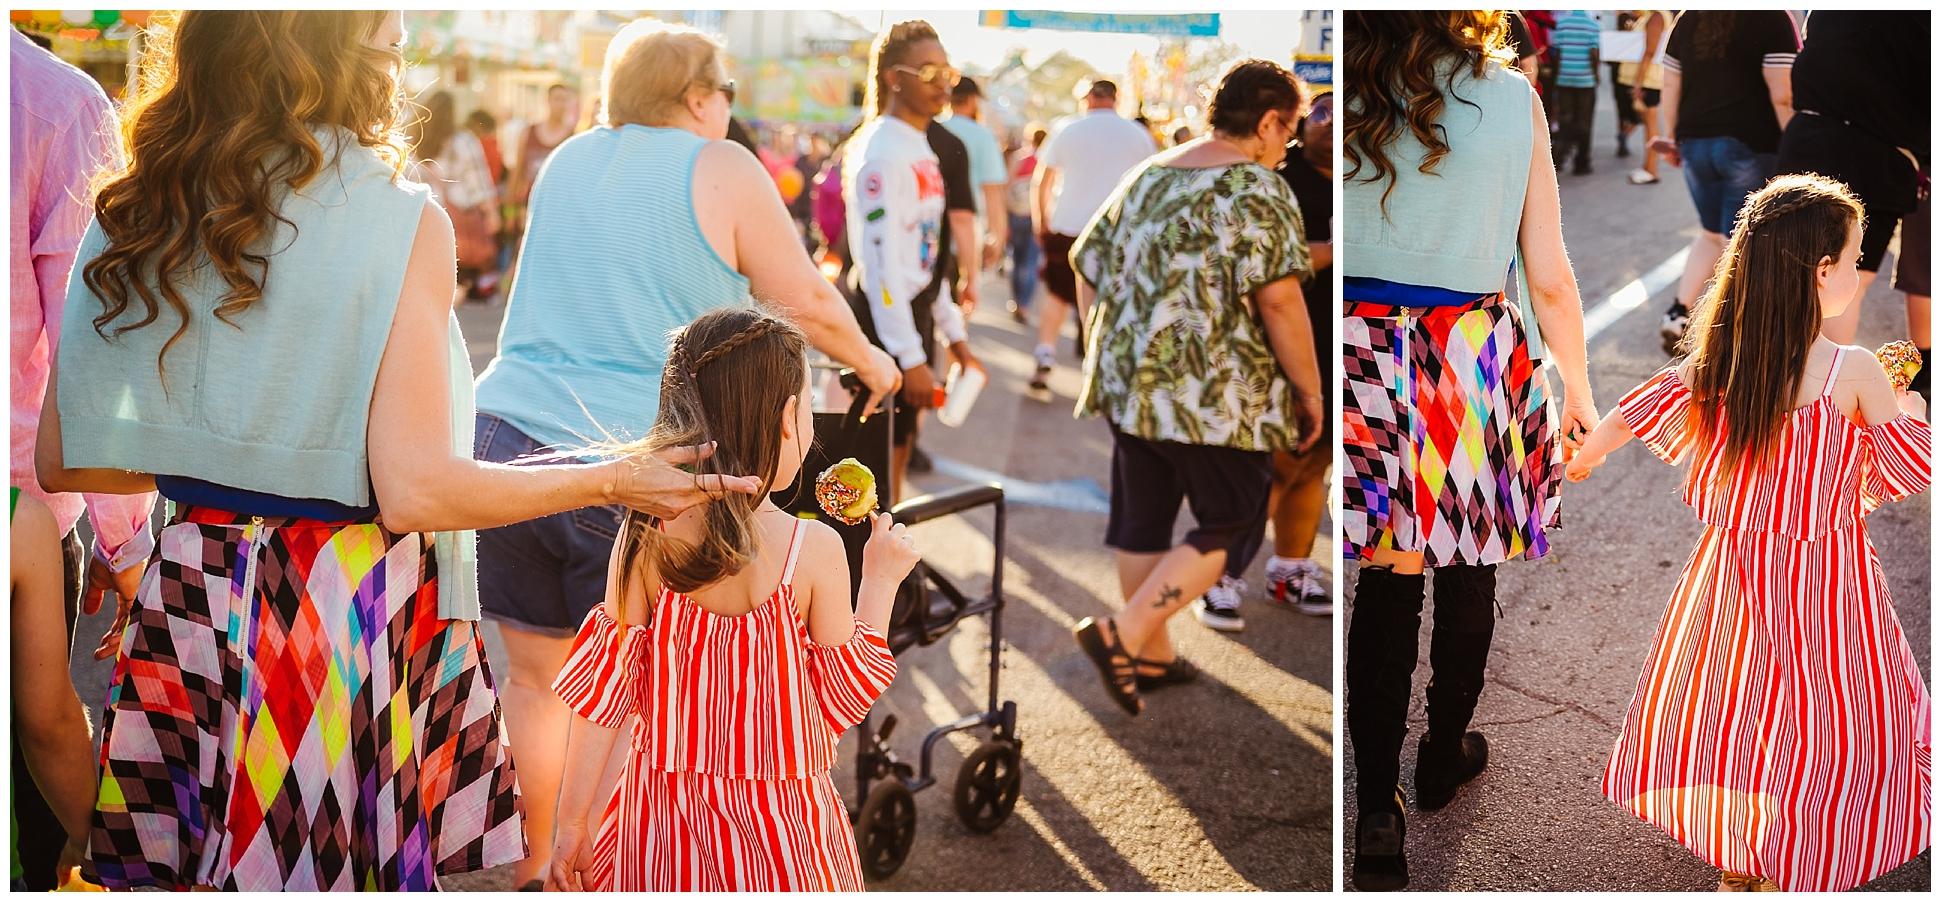 Tampa-colorful-fair-amusement park-dani family session_0005.jpg